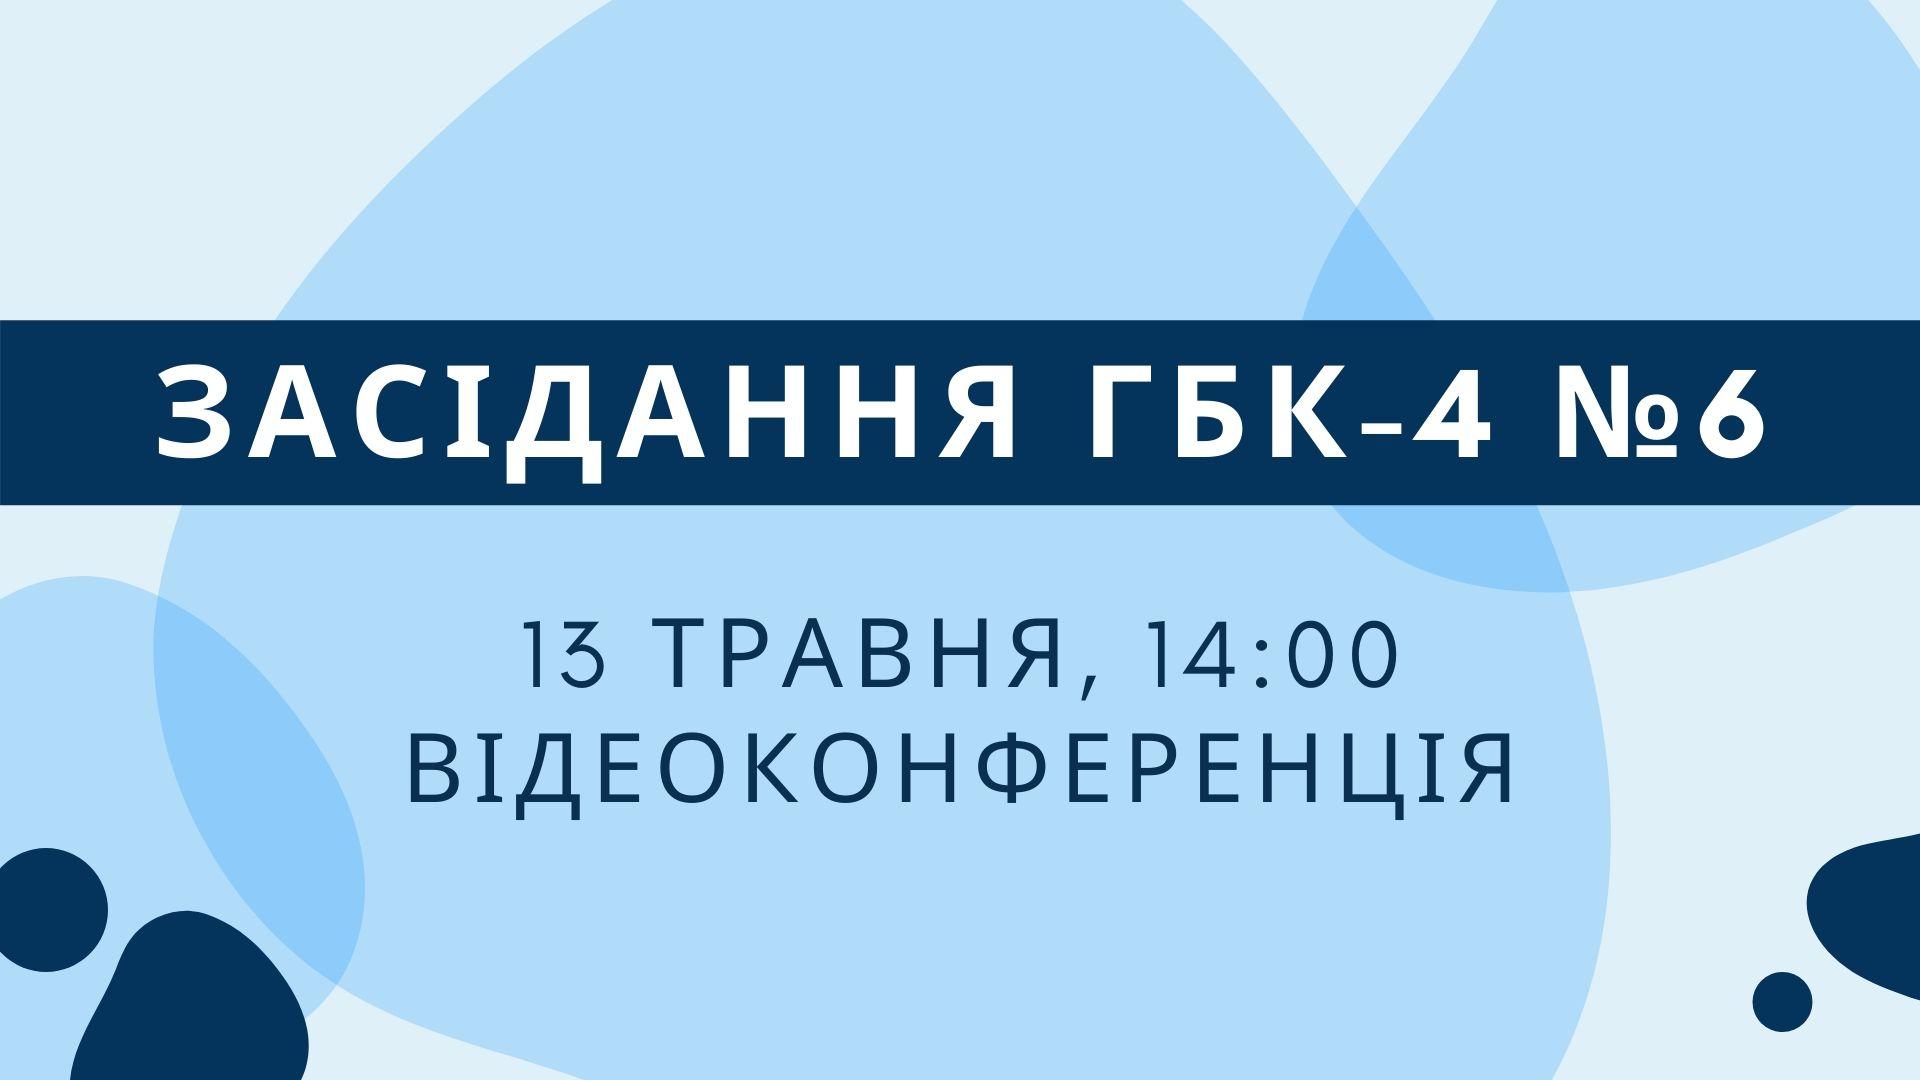 13 травня відбудеться шосте засідання ГБК-4